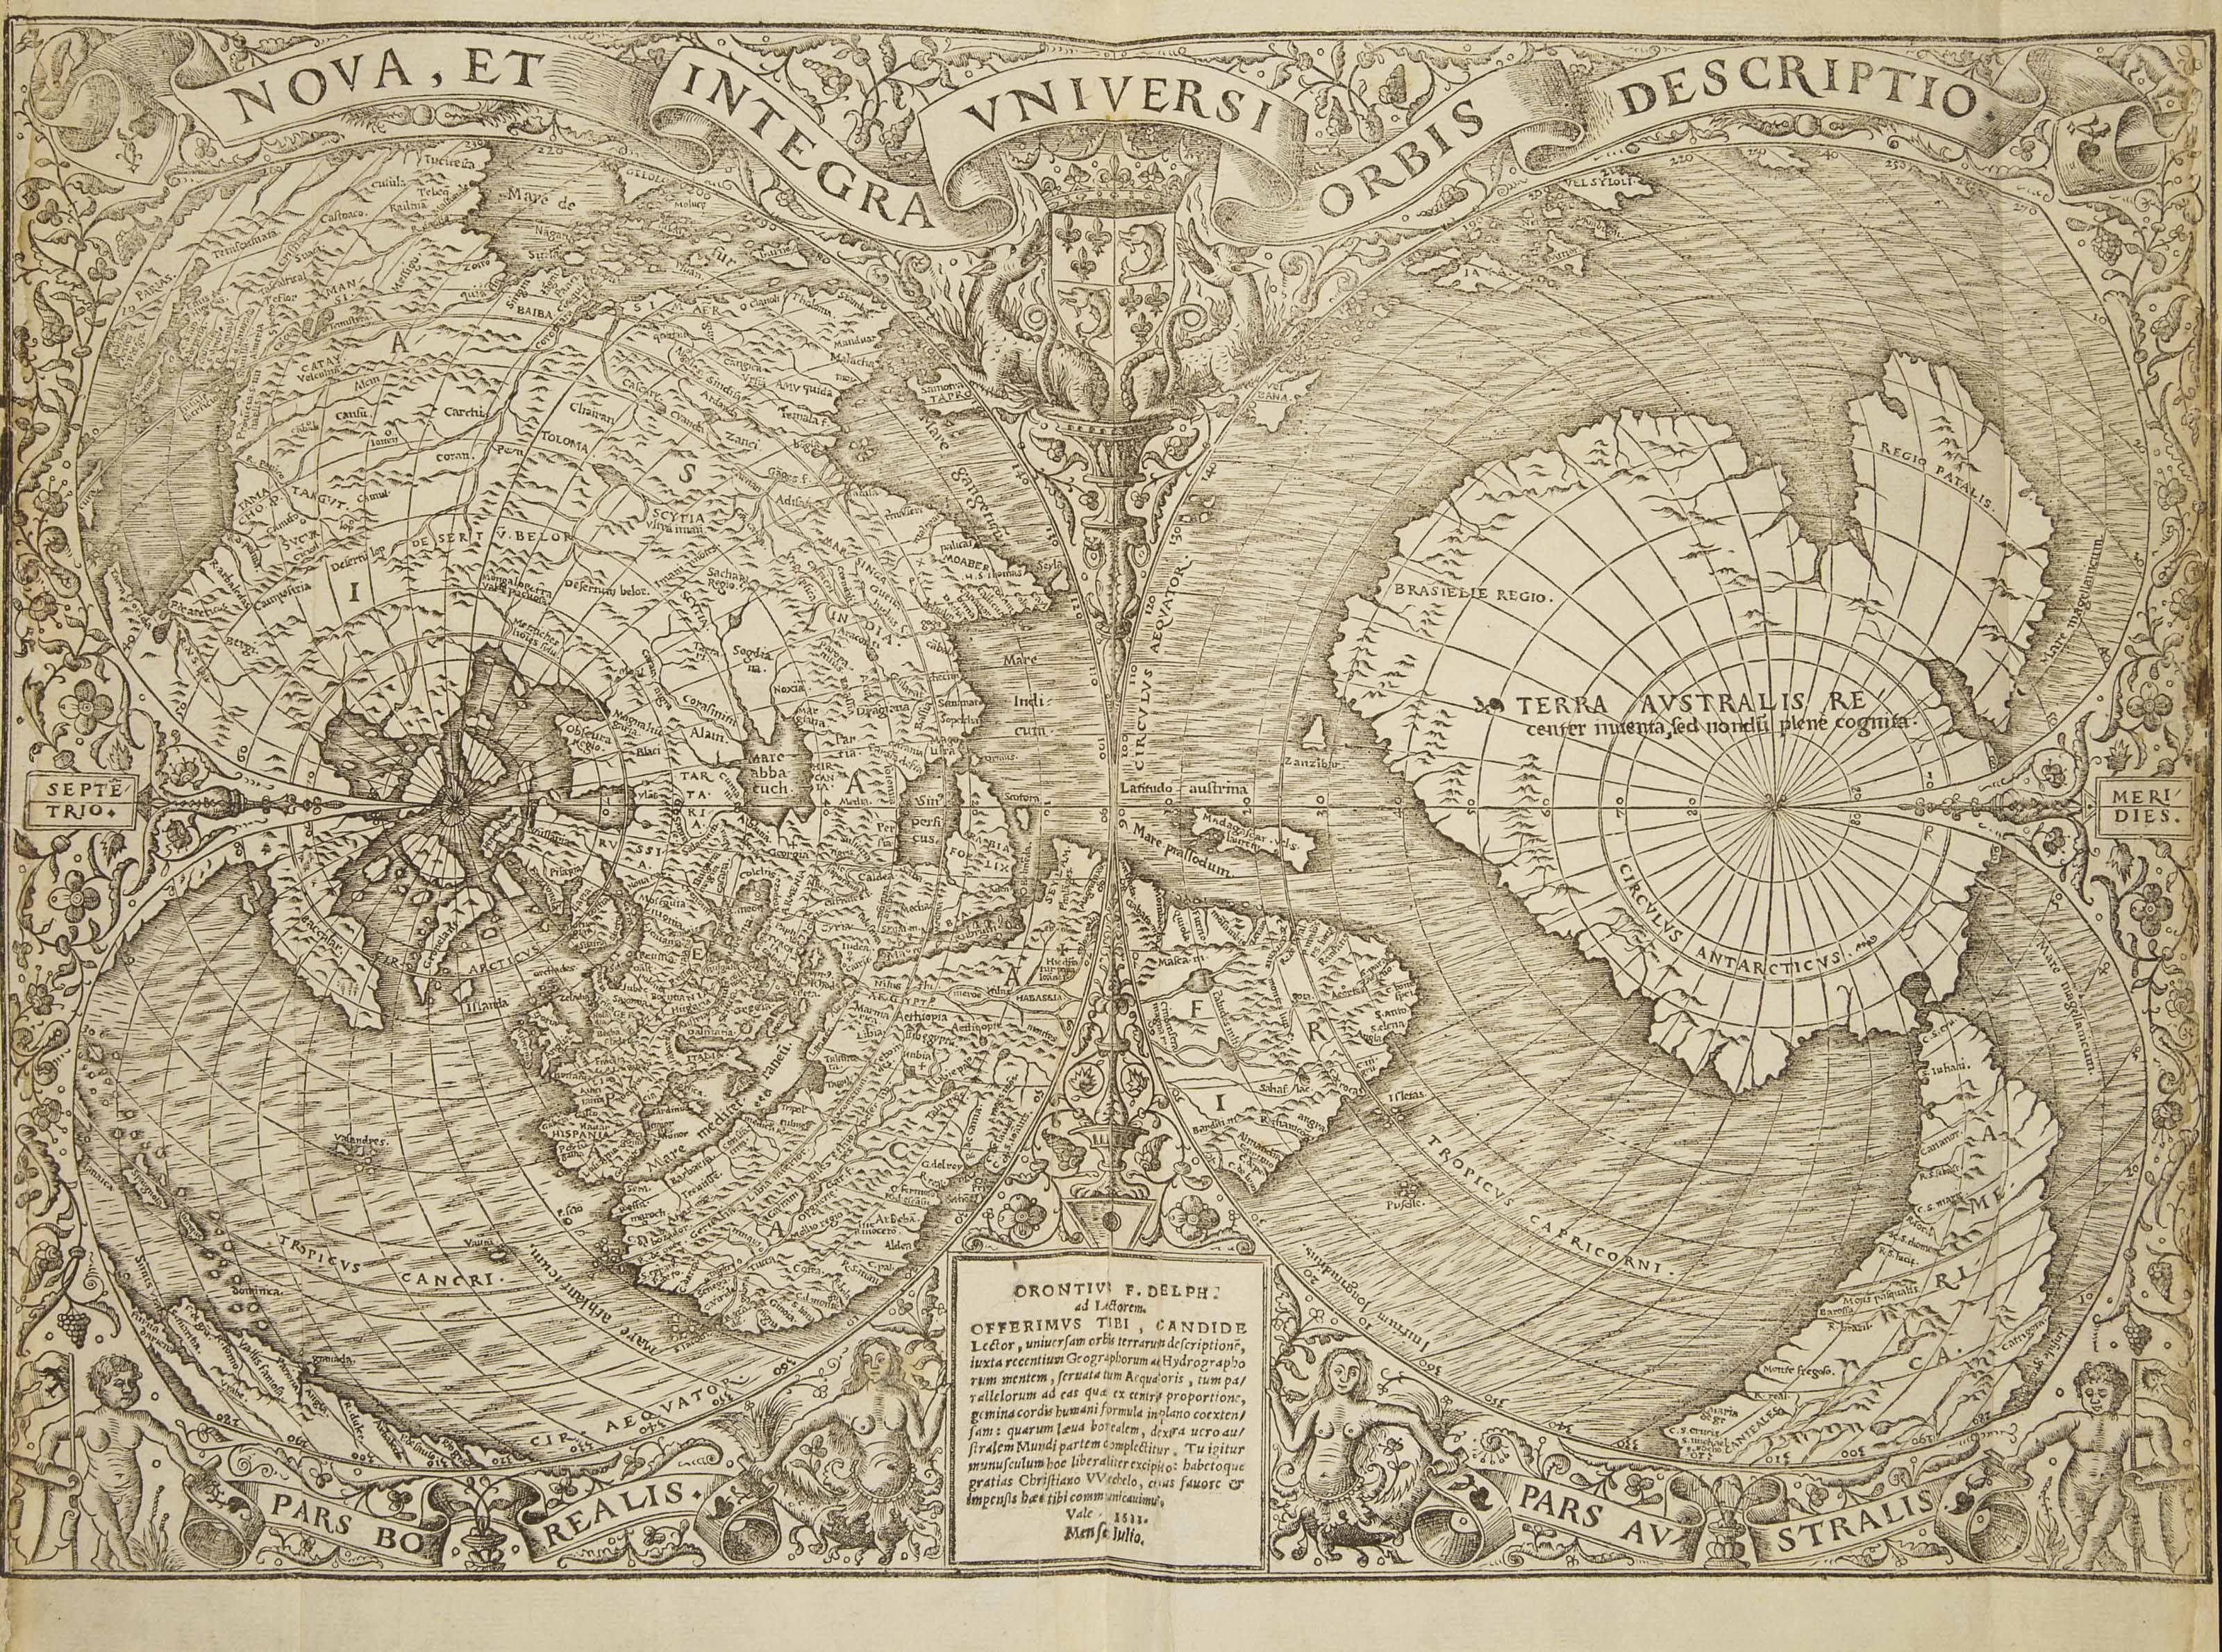 MELA, Pomponius (Ier siècle après J.C.). De orbis situ. Paris : [Christian Wechel], juin 1530.